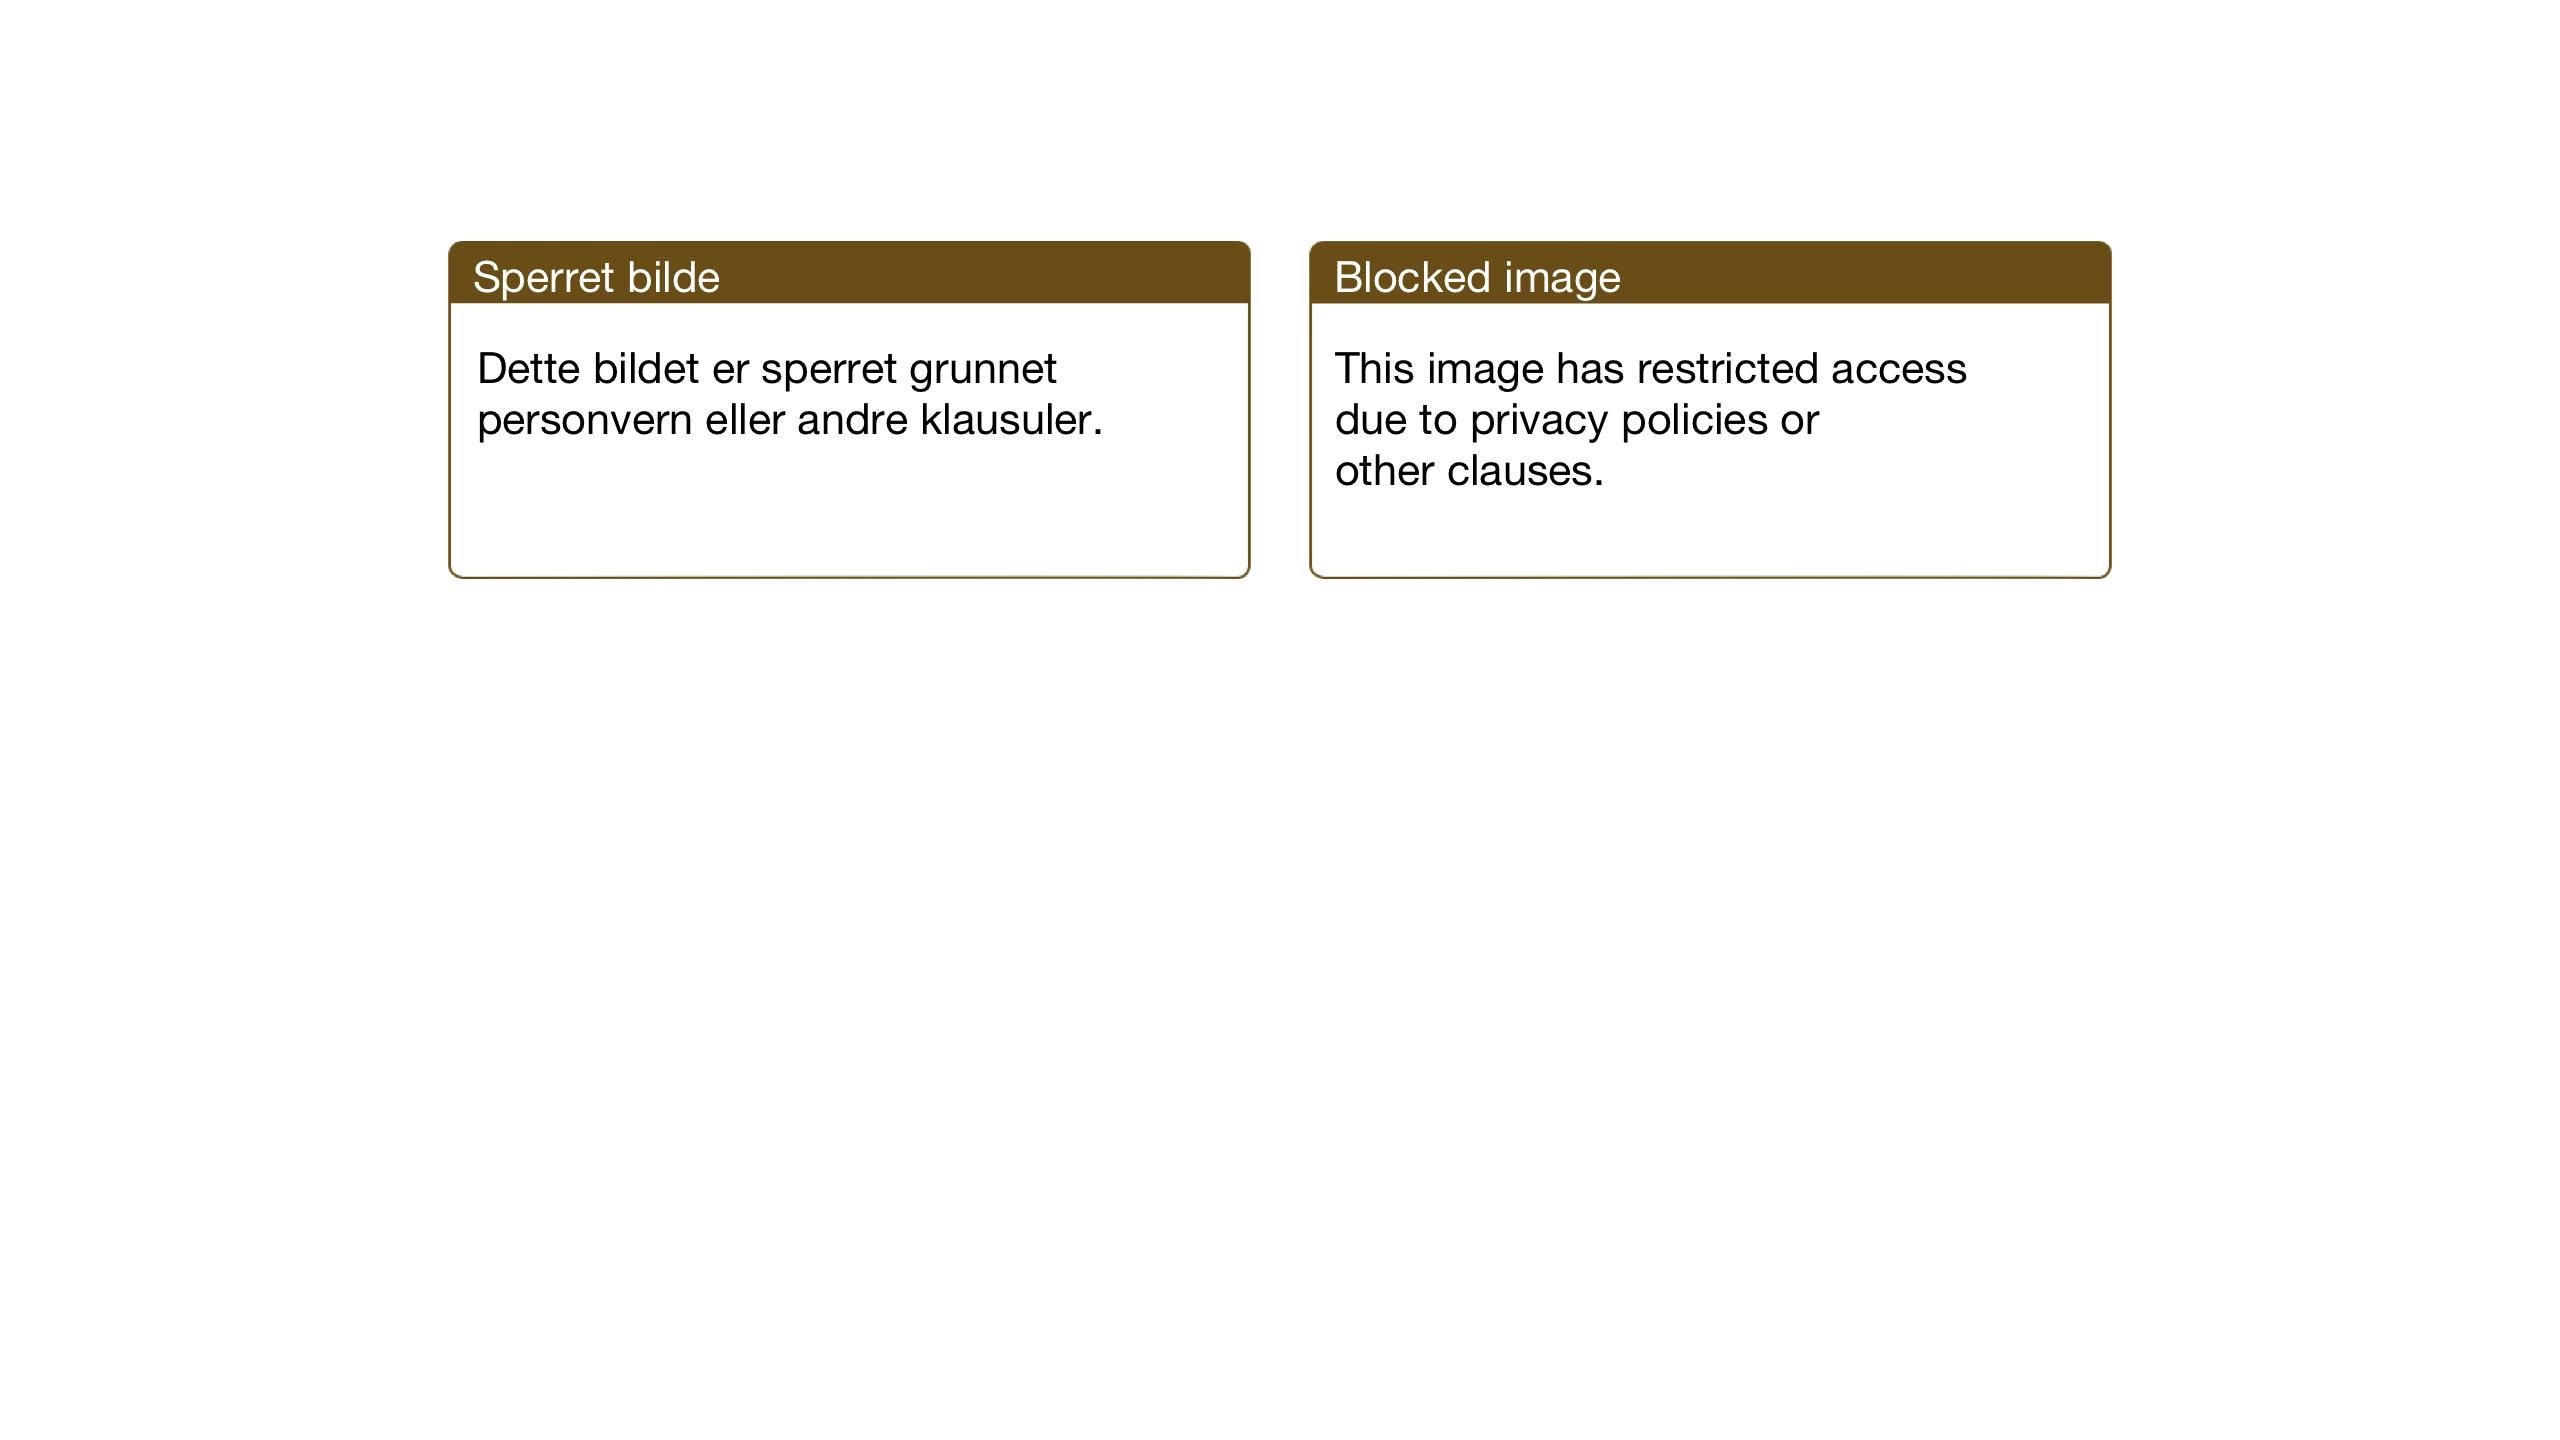 SAT, Ministerialprotokoller, klokkerbøker og fødselsregistre - Sør-Trøndelag, 662/L0758: Klokkerbok nr. 662C03, 1918-1948, s. 70